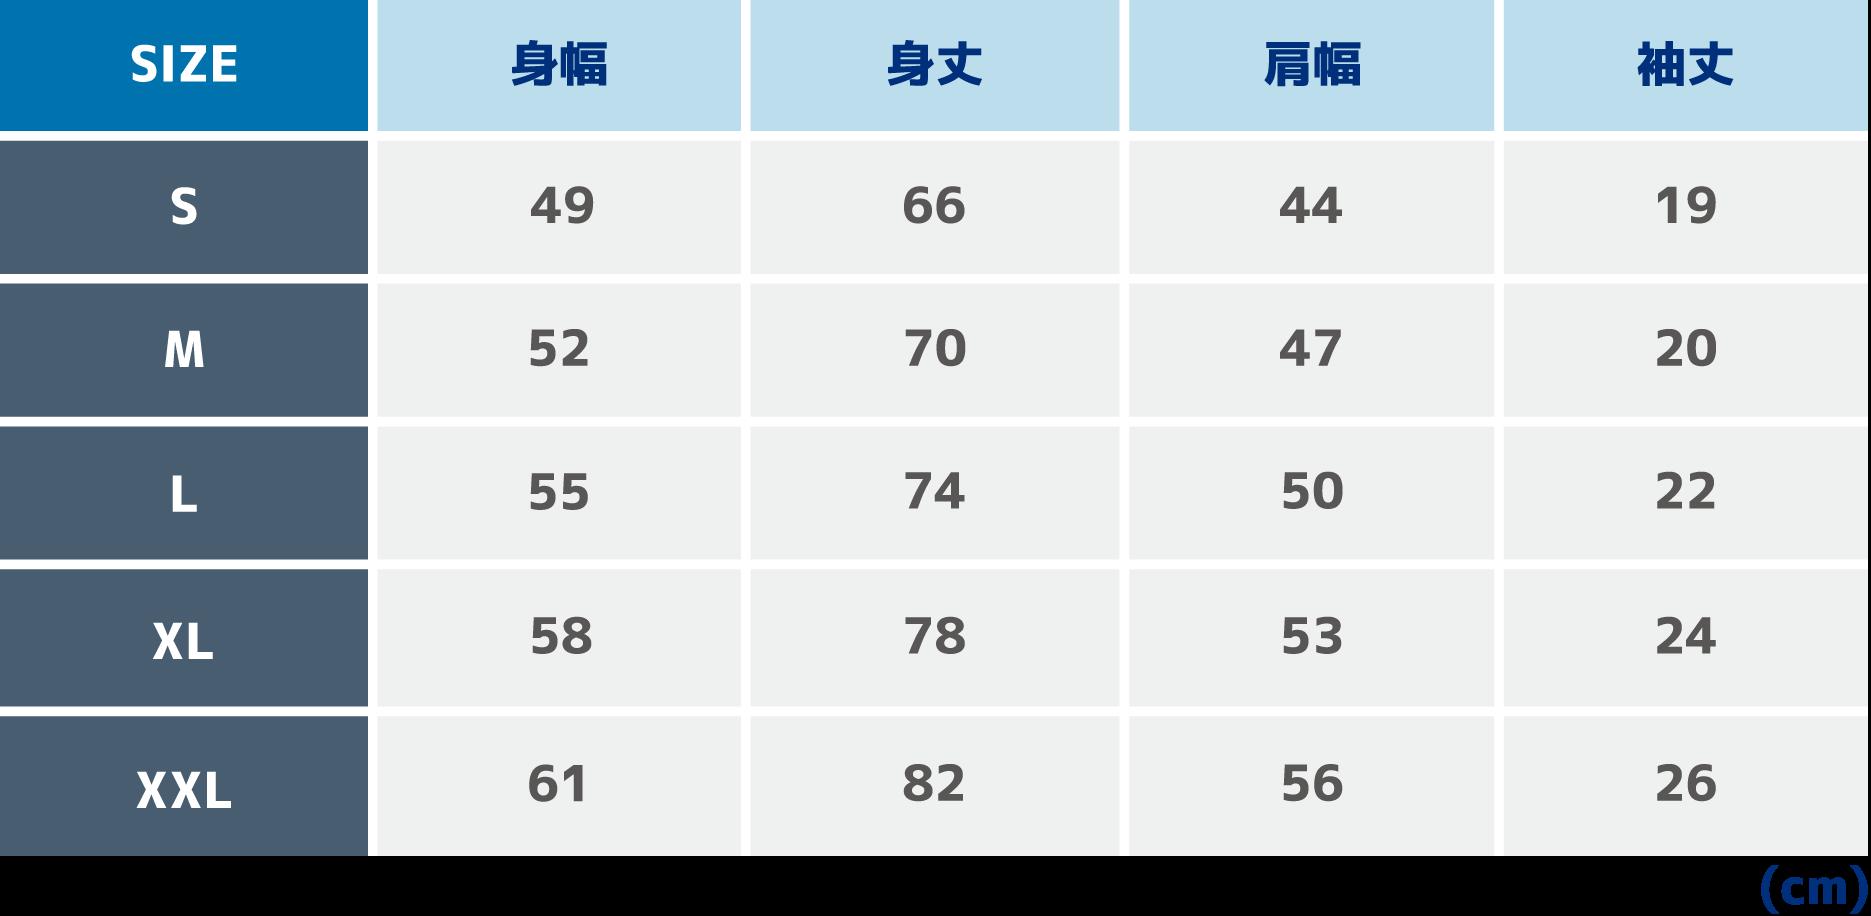 スペースチャンネル5 / 株式会社宇宙放送局第05号 (4色)  / Dot Like